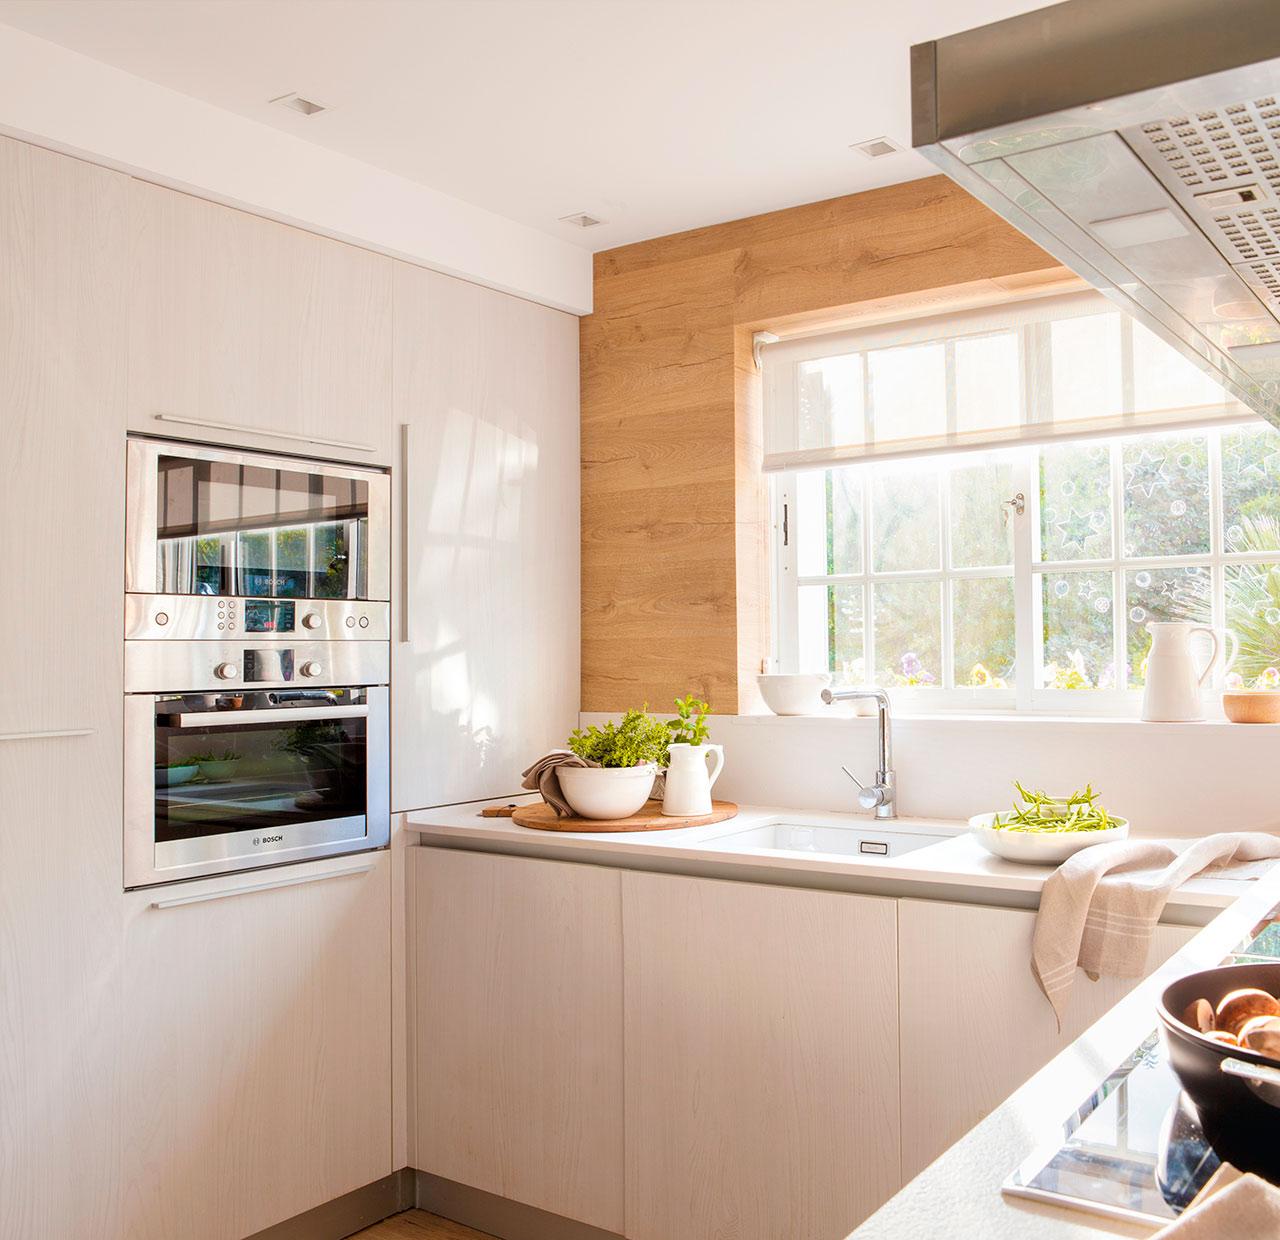 Cozinha Organizada E Limpa Mantenha A Cozinha Limpa E Organizada